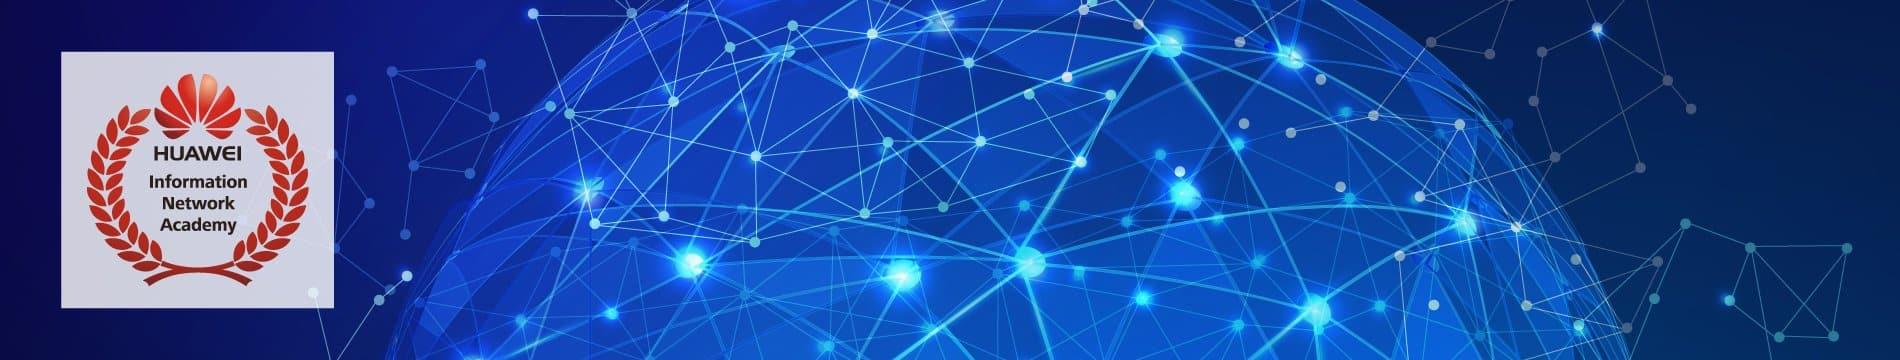 Corso HUAWEI, Corso HCNP, Corso HUAWEI, Corso HCNA, Corso Huawei HCNA Routing and Switching, Corsi H12-211, Corso Huawei Certified Network Associate